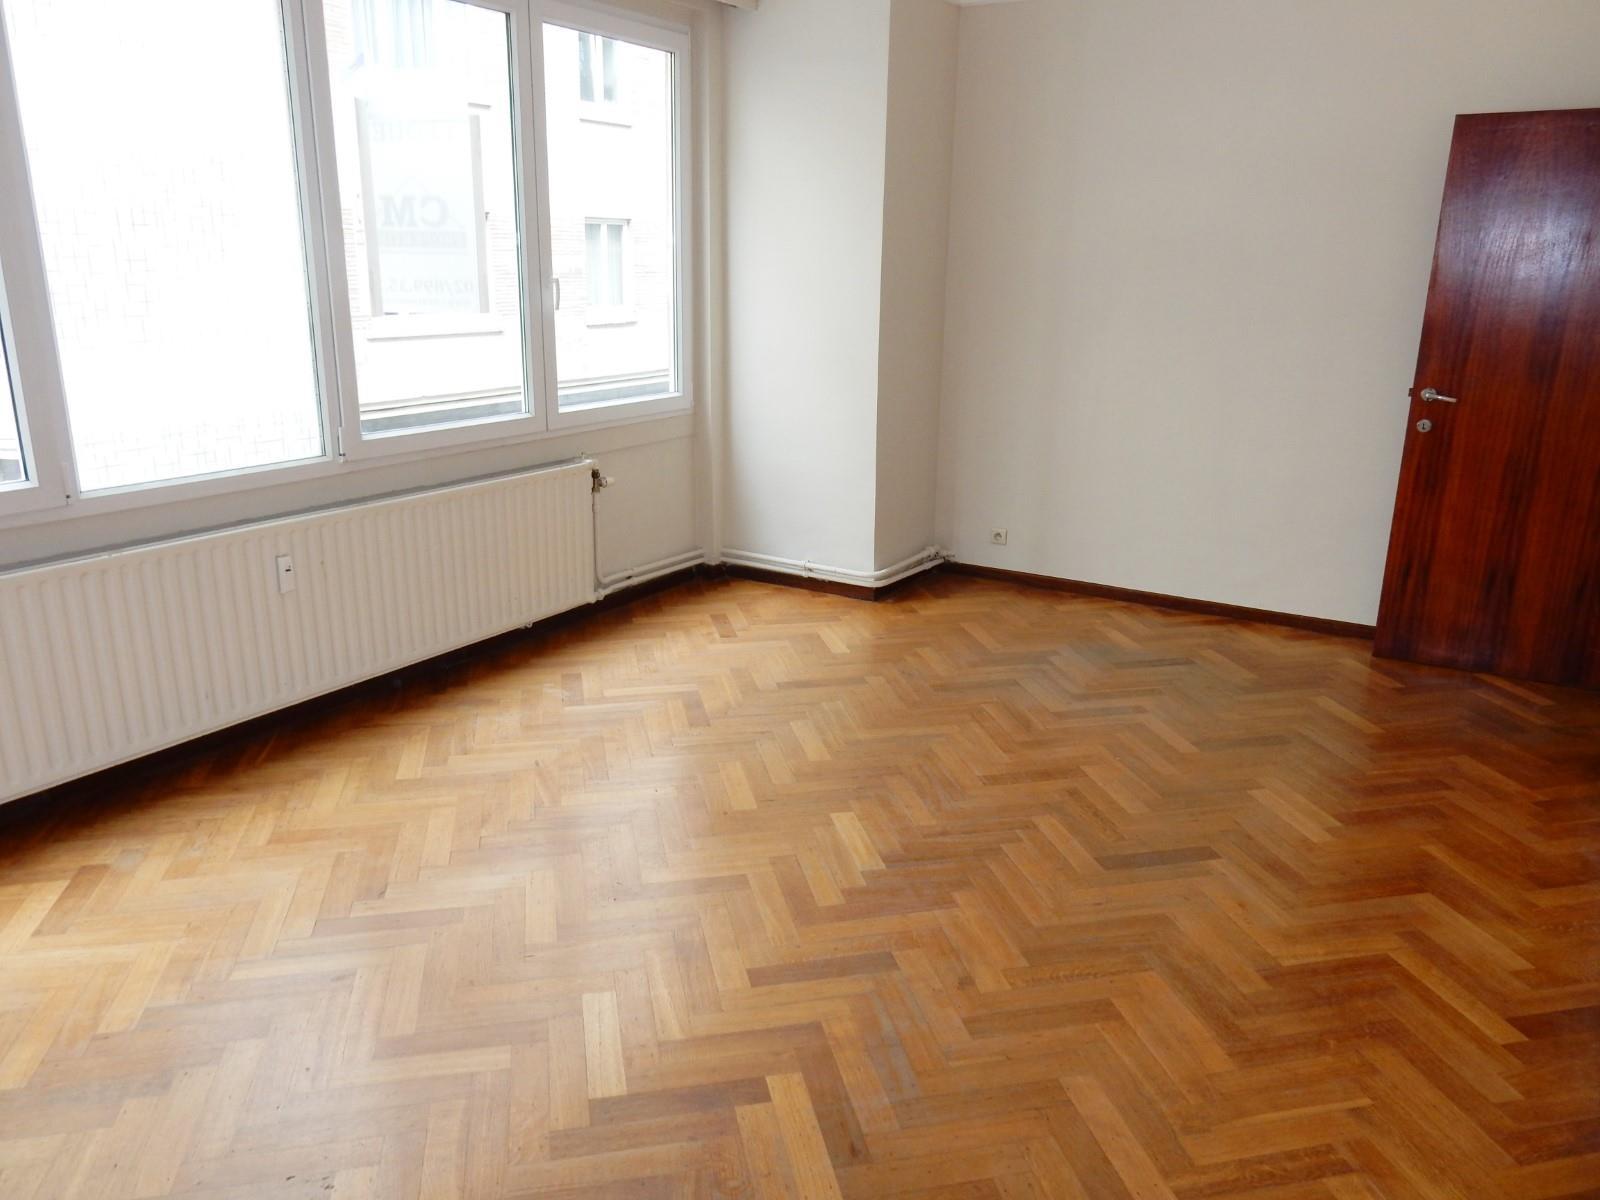 Flat - Bruxelles - #3798429-8